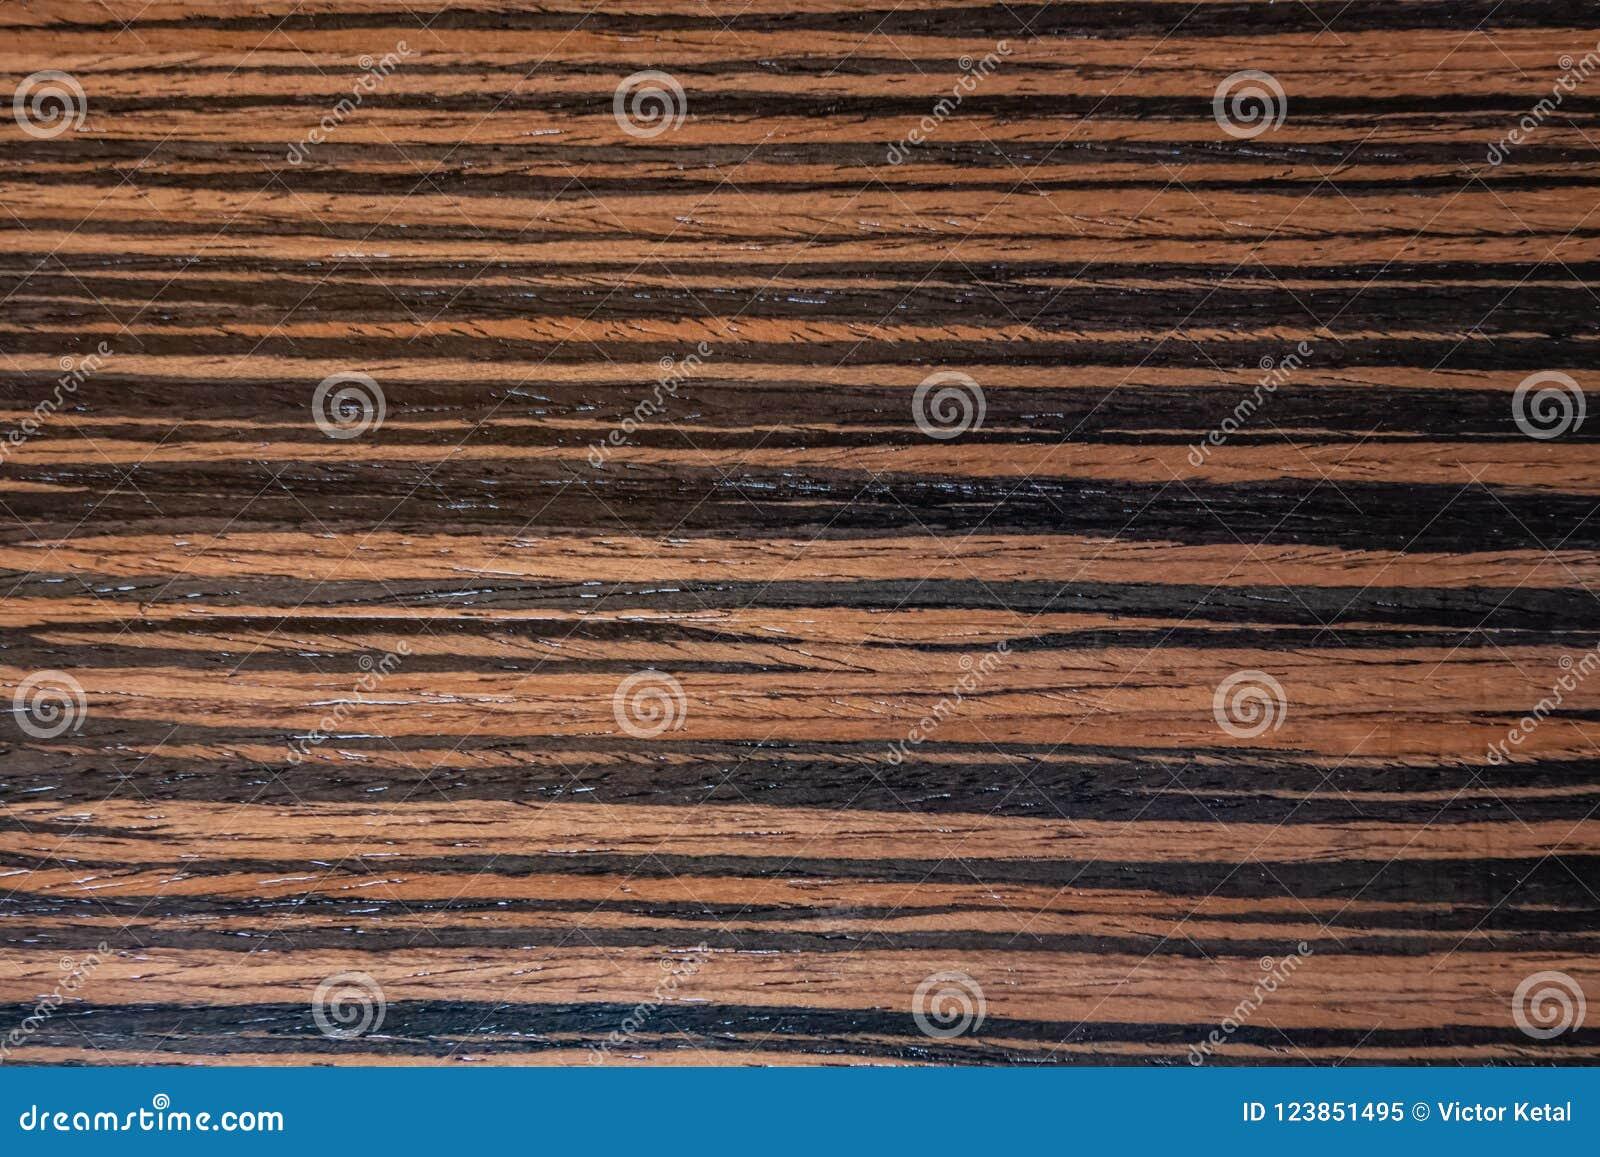 Dunkles Ebenholzfurnier-blatt, natürlicher hölzerner Hintergrund auf Makro Extrem Foto der hohen Auflösung